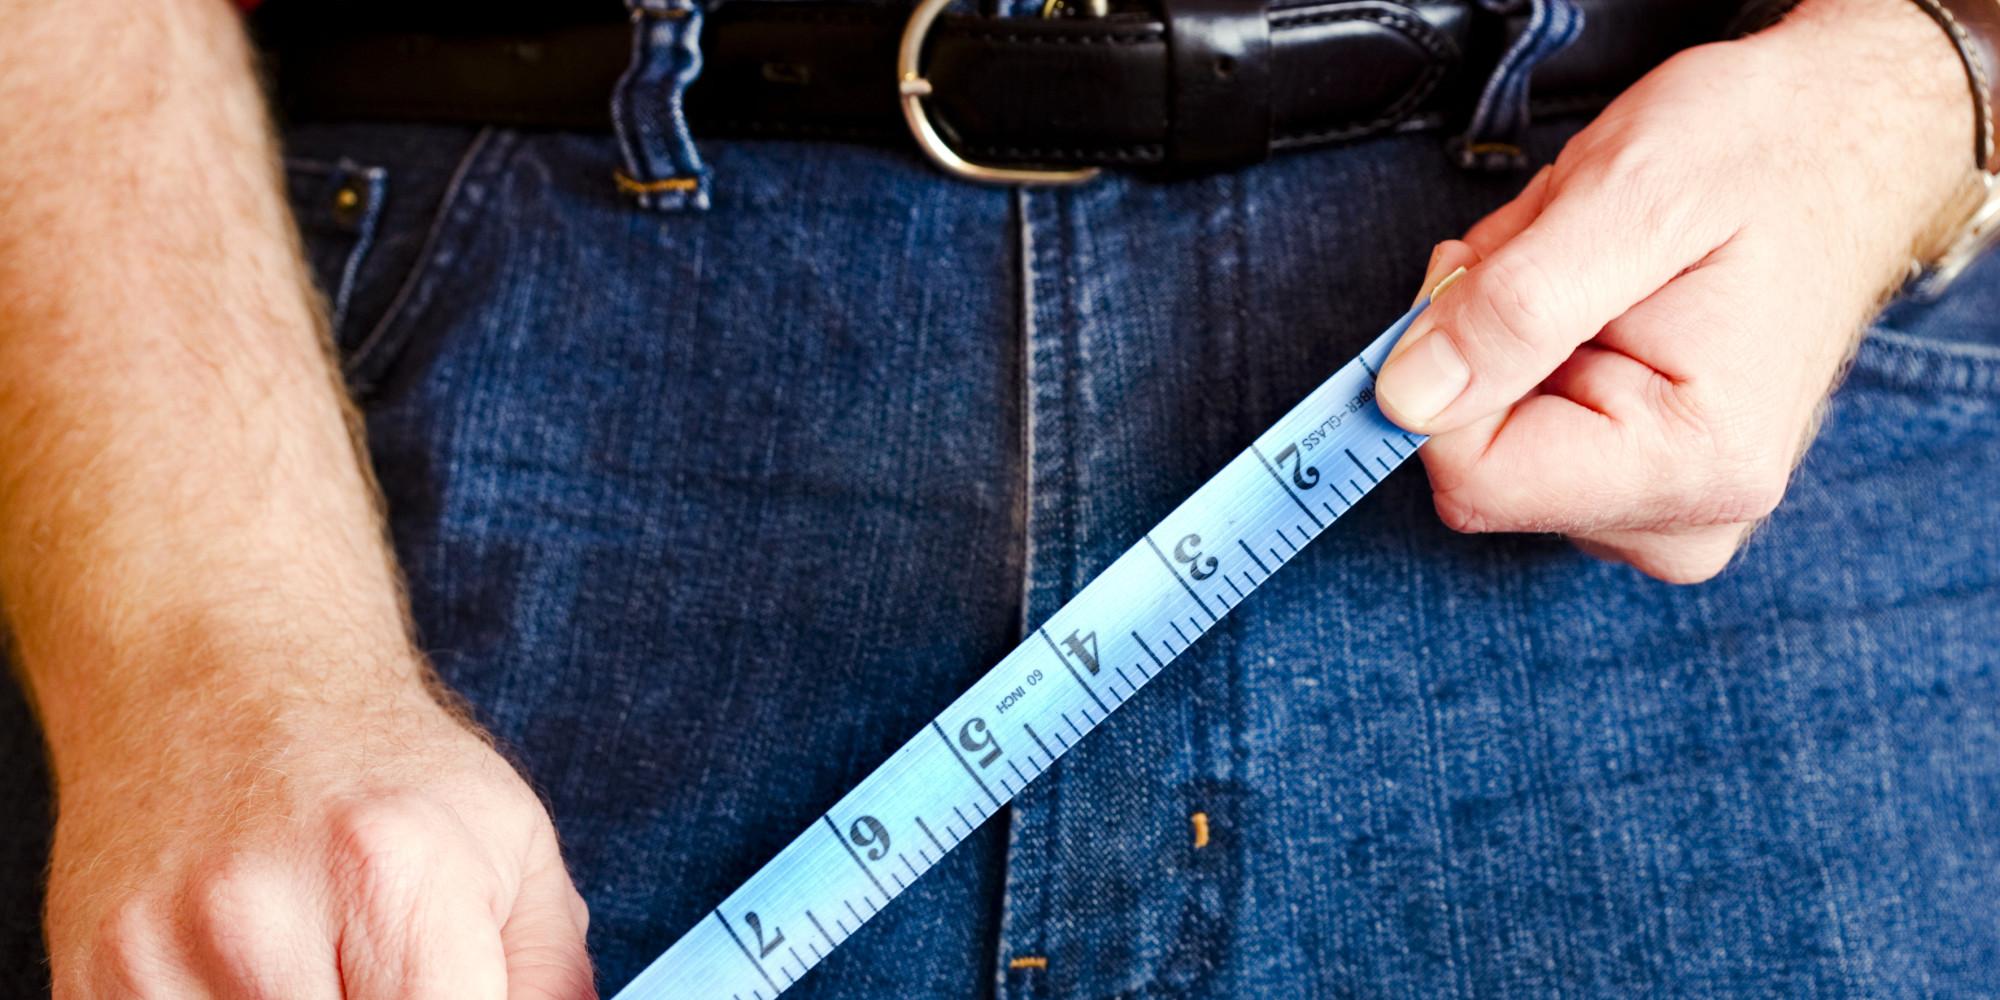 Мужское достоинство: размер имеет значение?